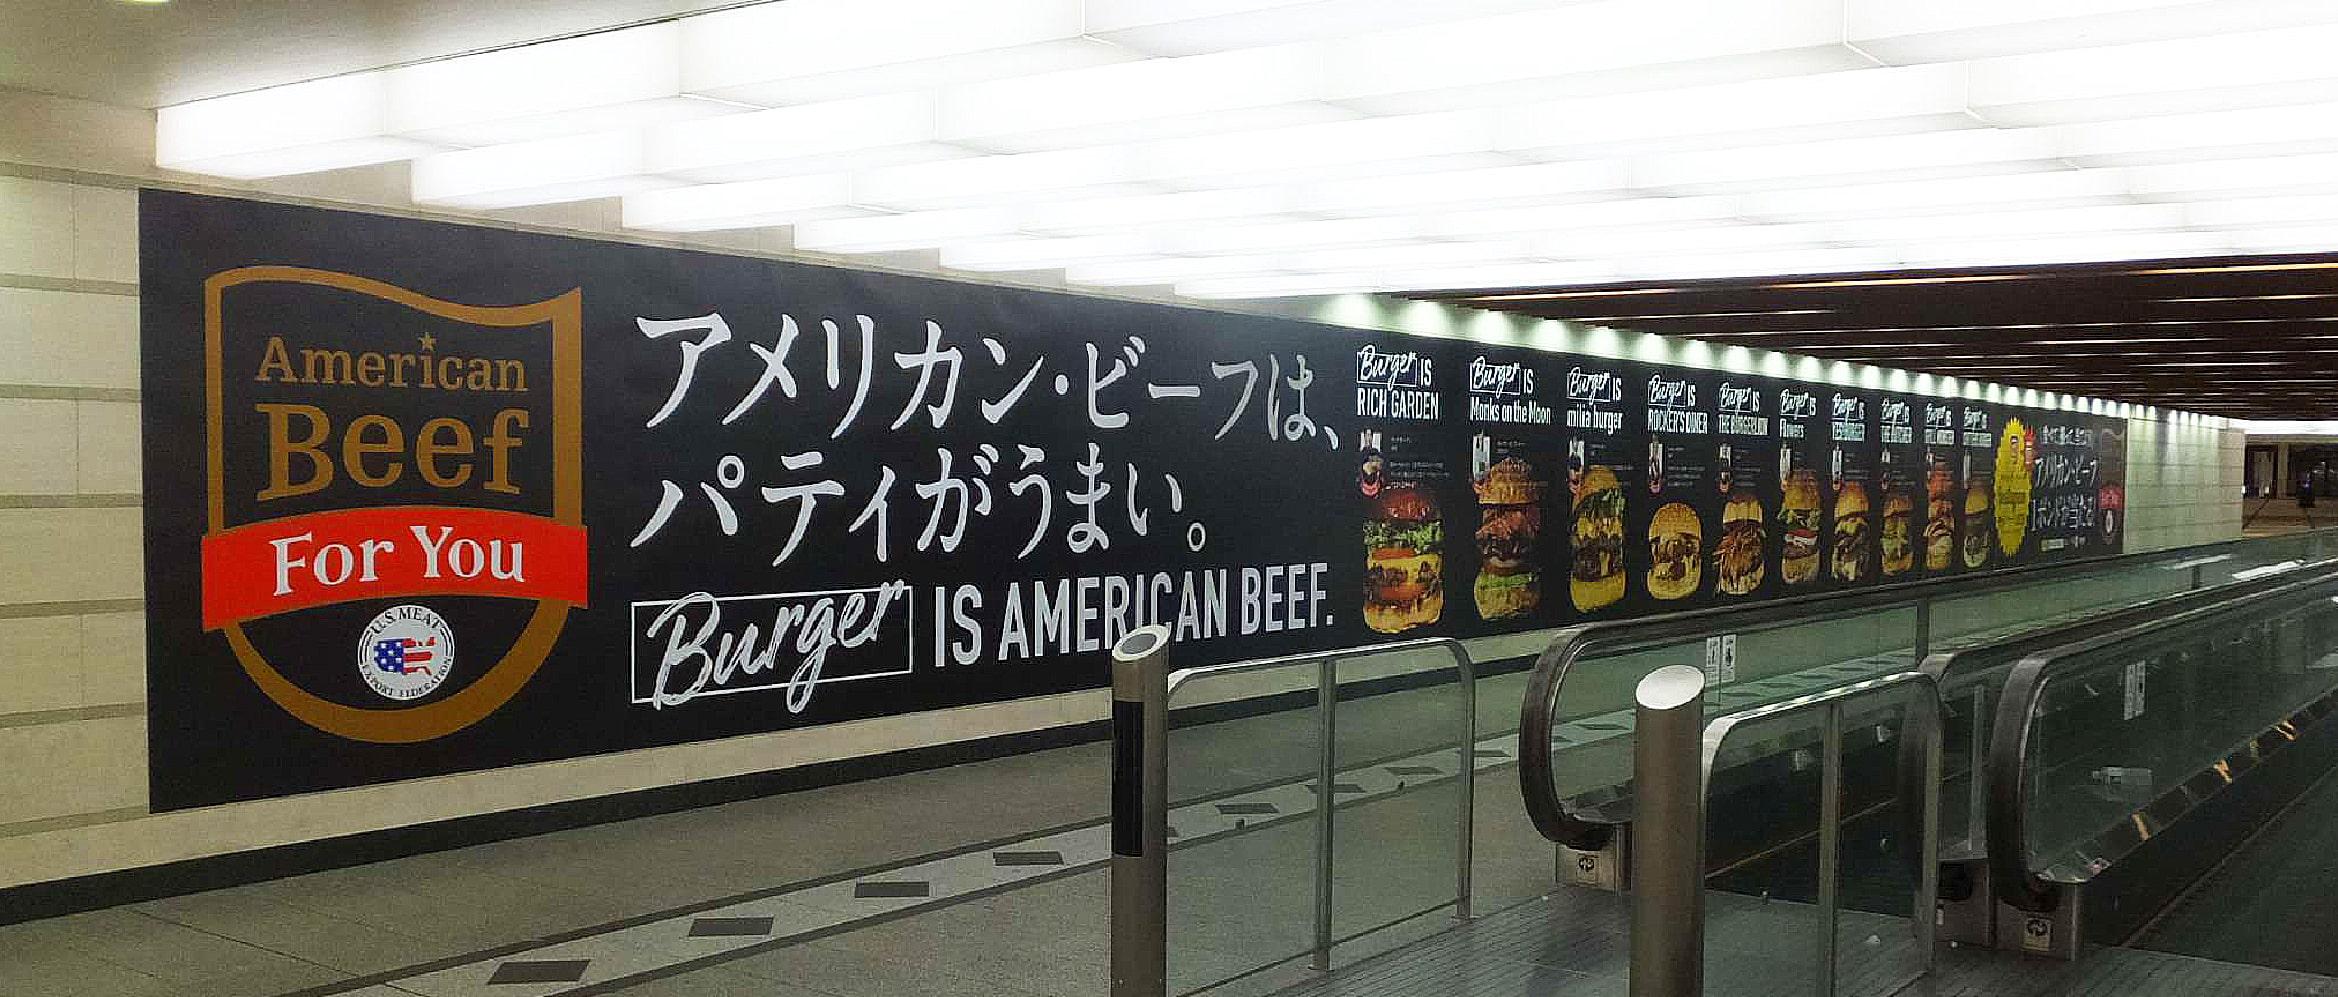 アメリカンビーフのポスター